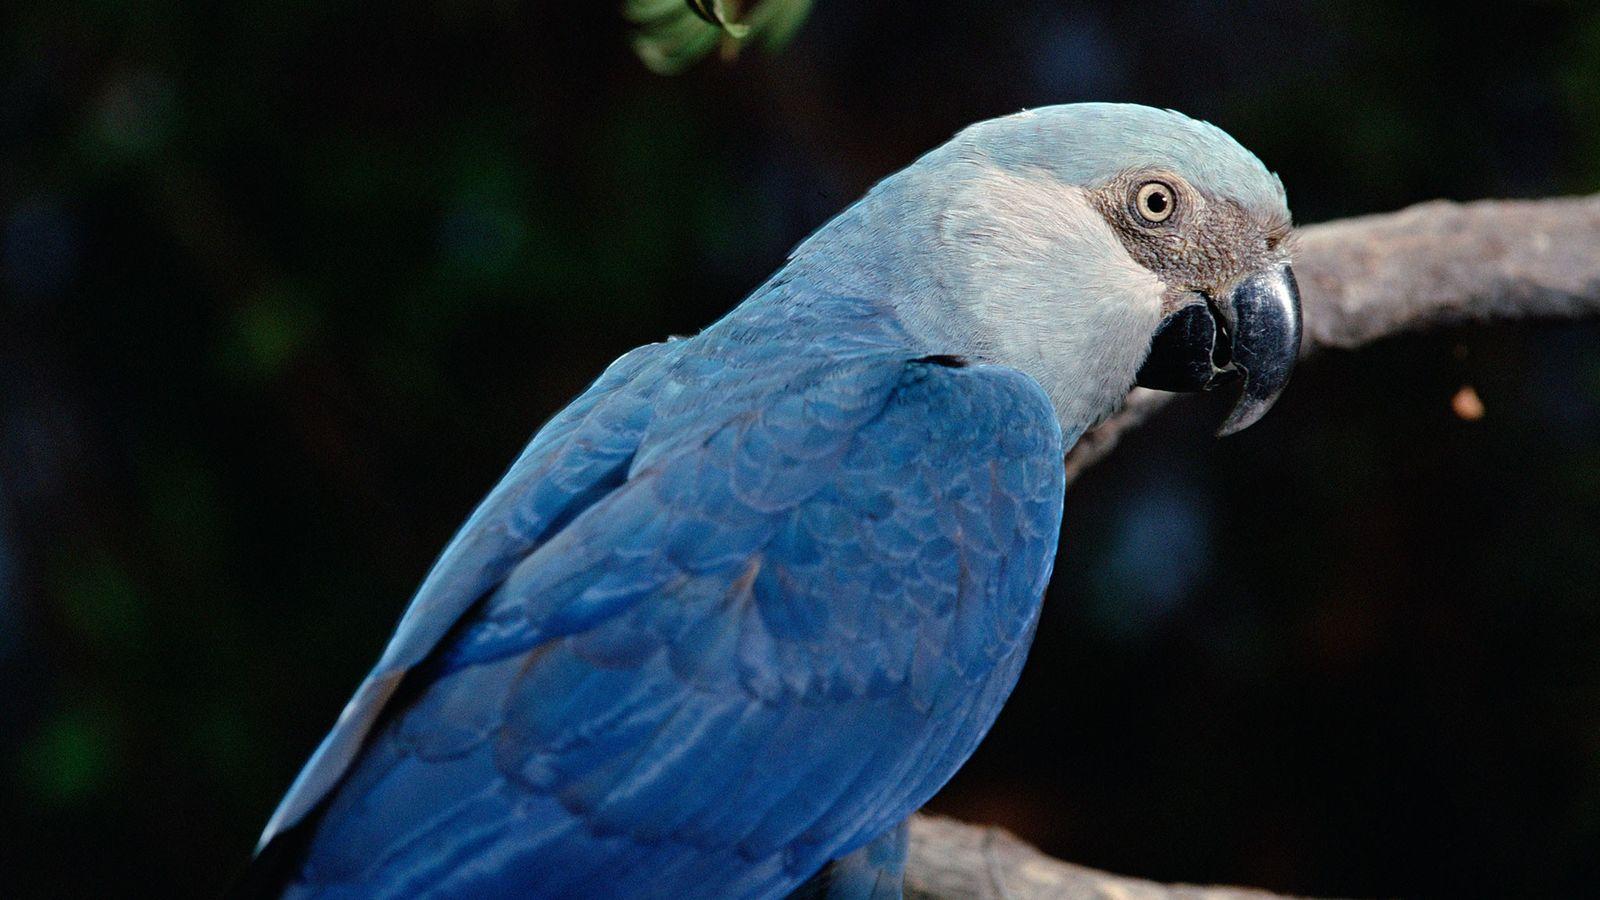 A ararinha-azul, encontrada originariamente na floresta da Amazónia no Brasil.